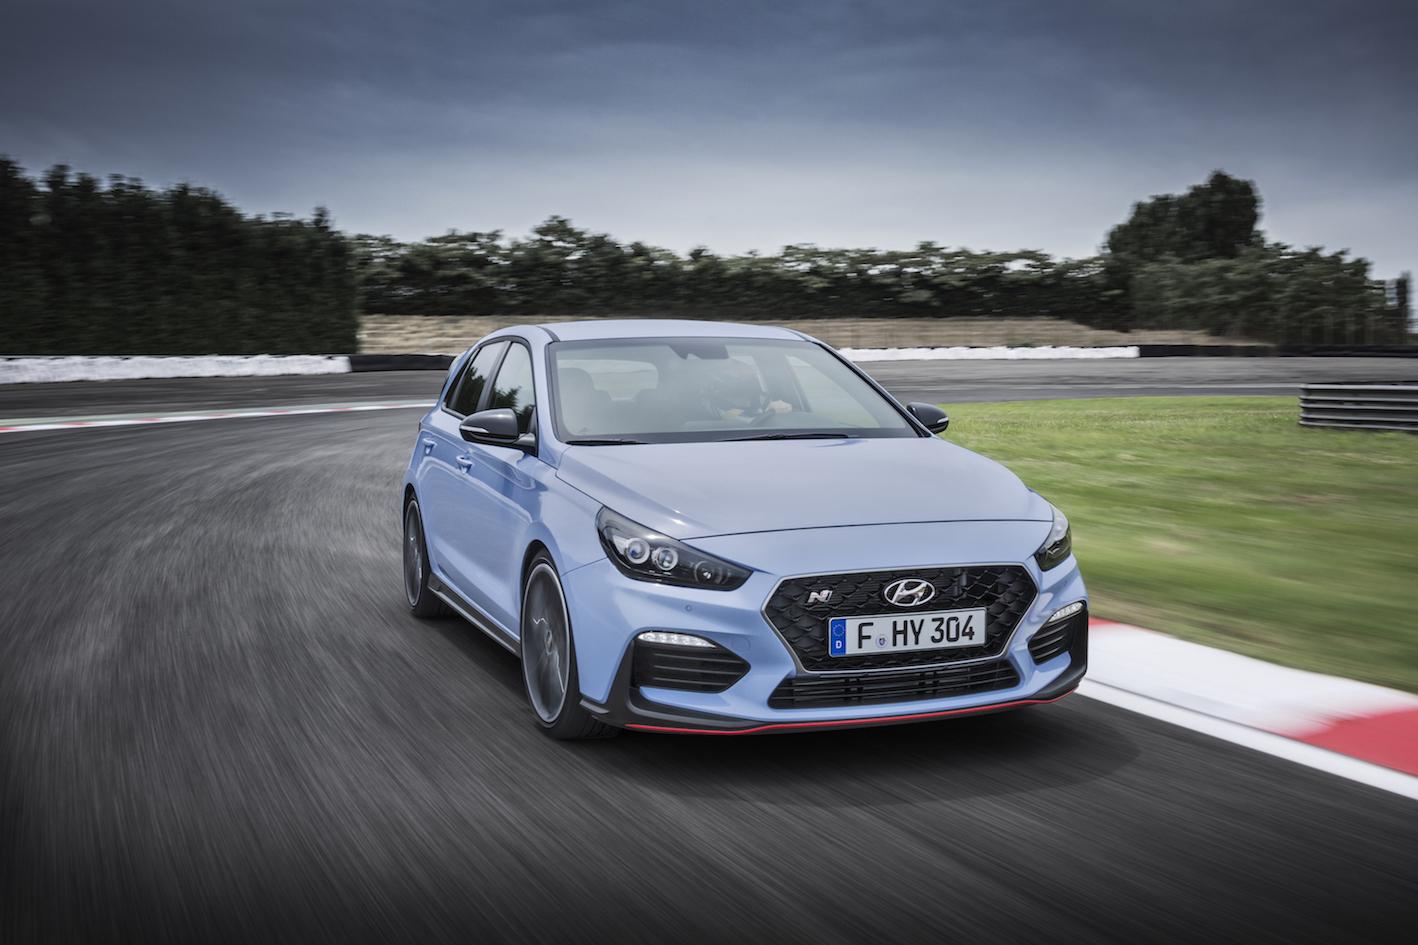 Hyundai: Entry-level i30 N 'a no-brainer'